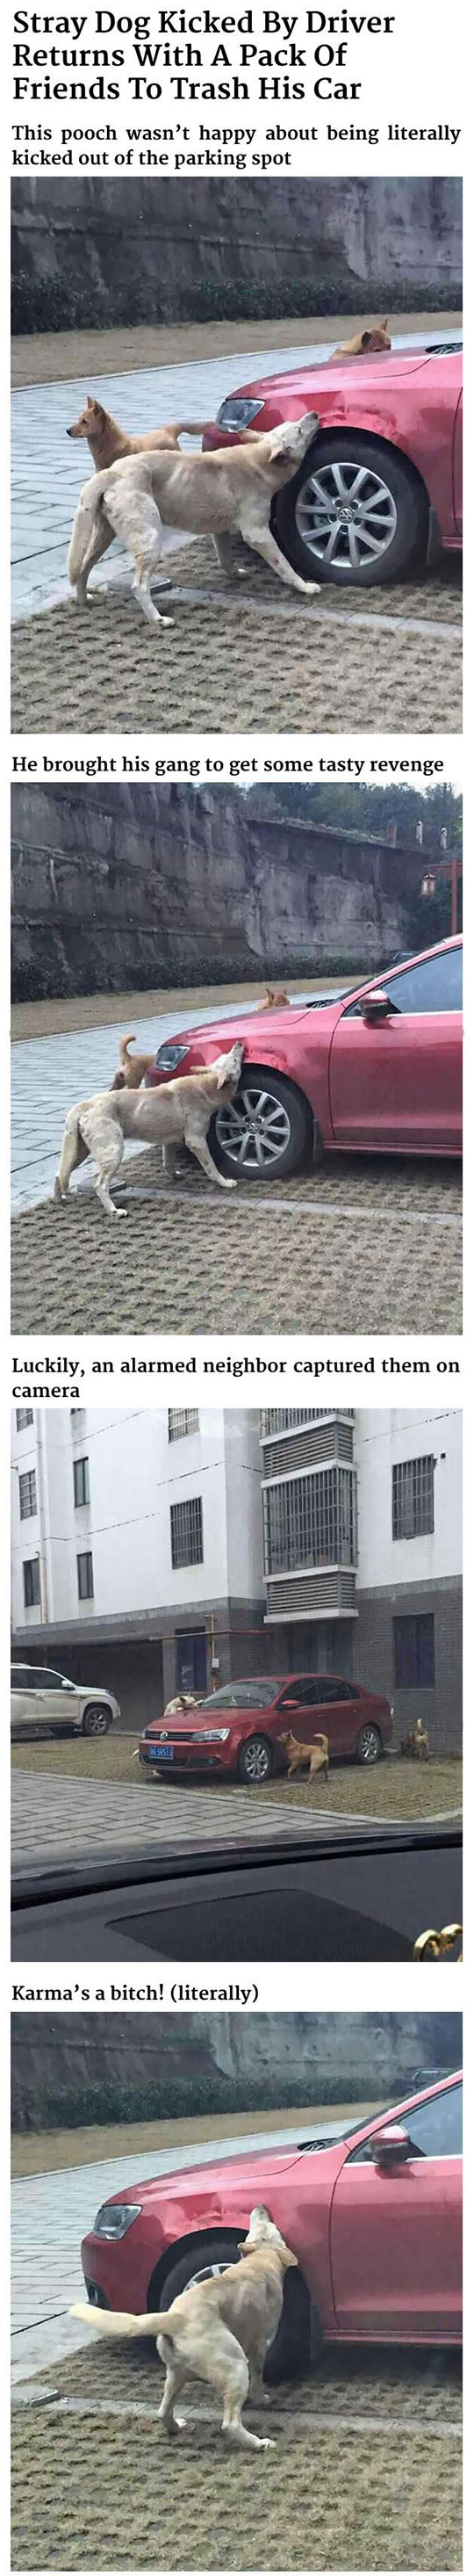 Dogs Getting Revenge